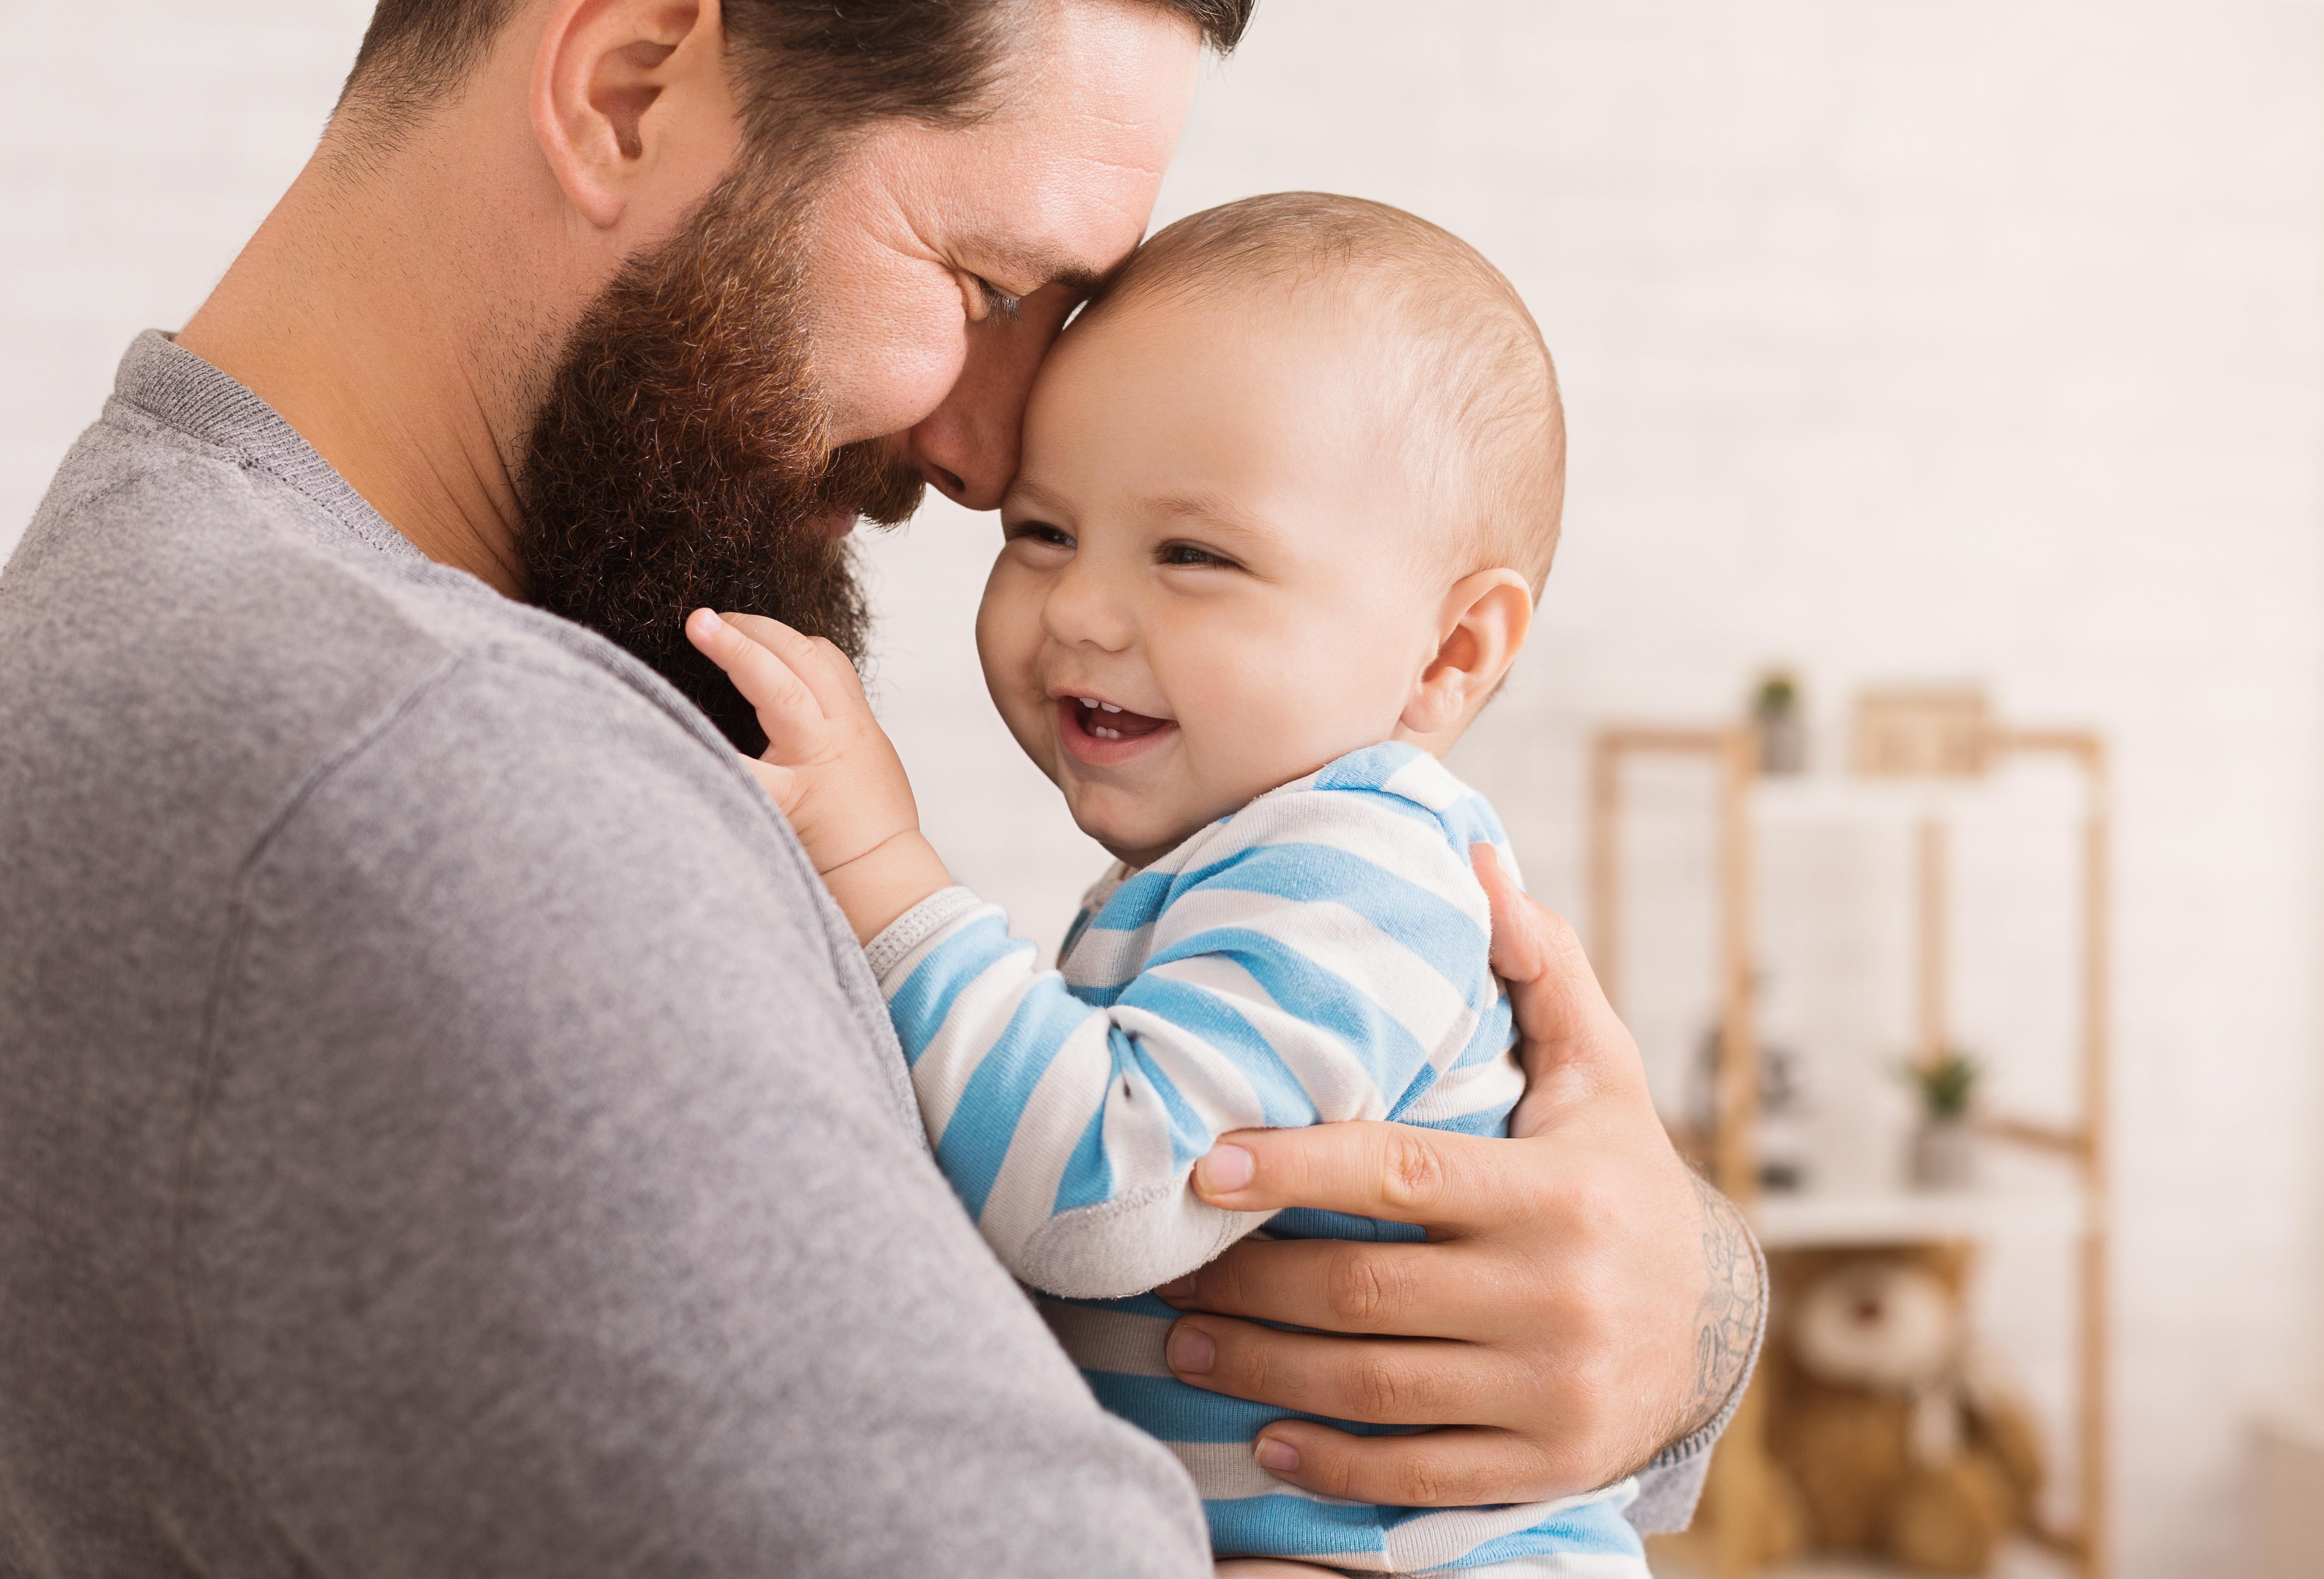 L'étude décrypte un mécanisme souvent invoqué dans la transmission de l'expérience paternelle à la progéniture, un mécanisme « non ADN » ou épigénétique qui passe par des modifications d'expression génétique, et par le sperme (Visuel Adobe Stock 245699145)